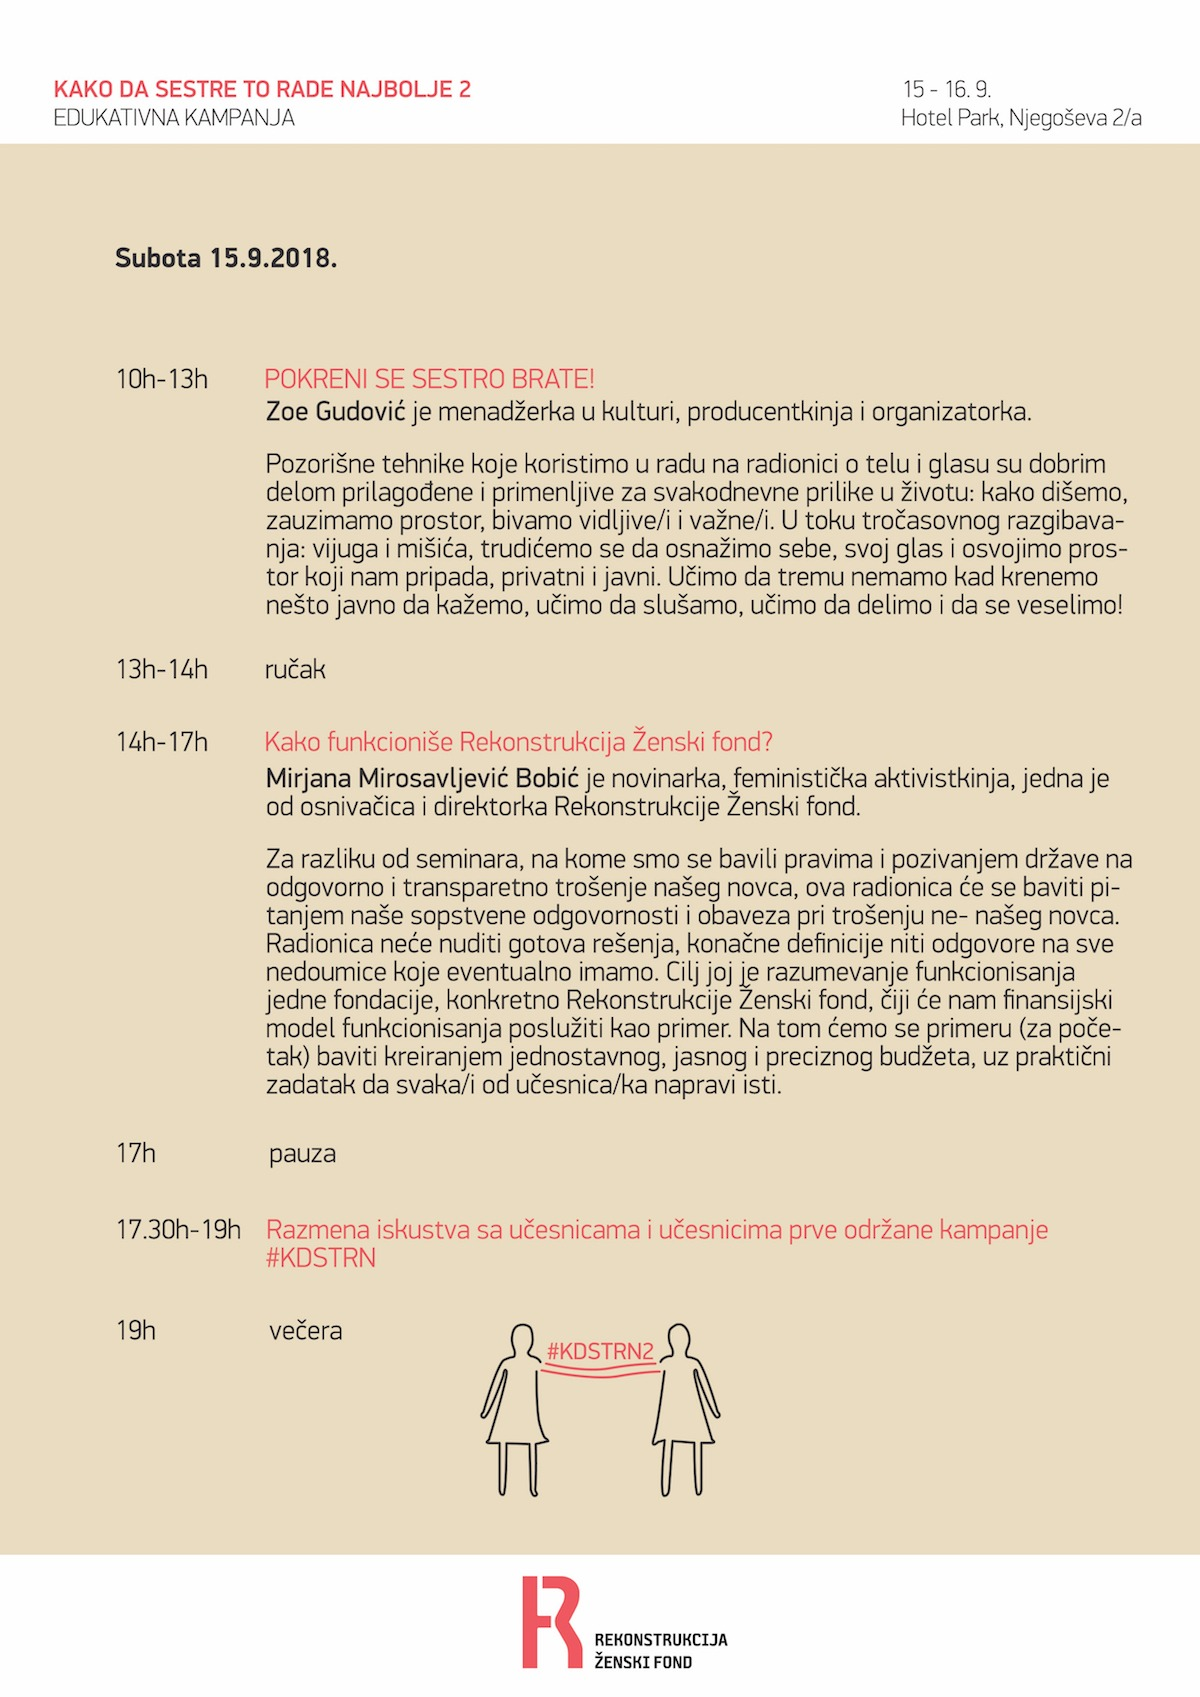 agenda strana 2